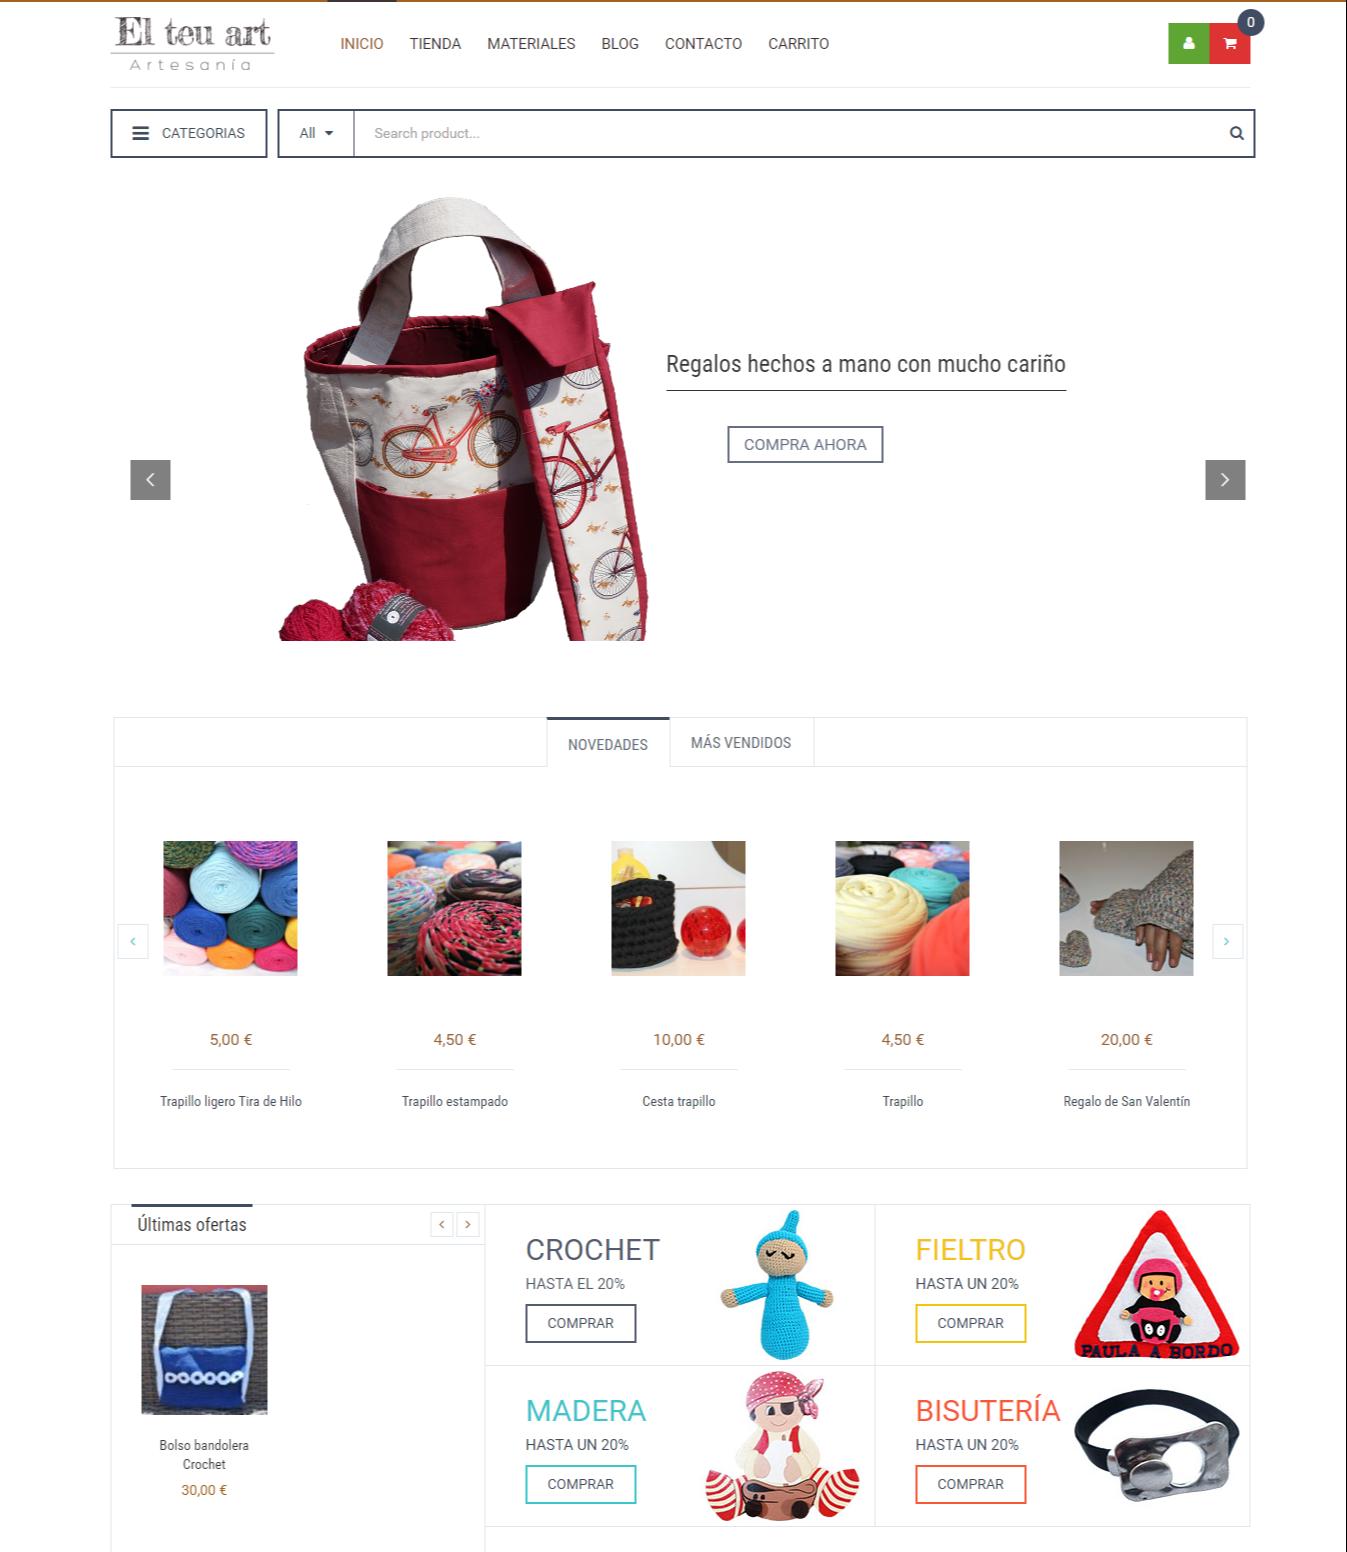 El teu Art - Tu tienda de artesania online